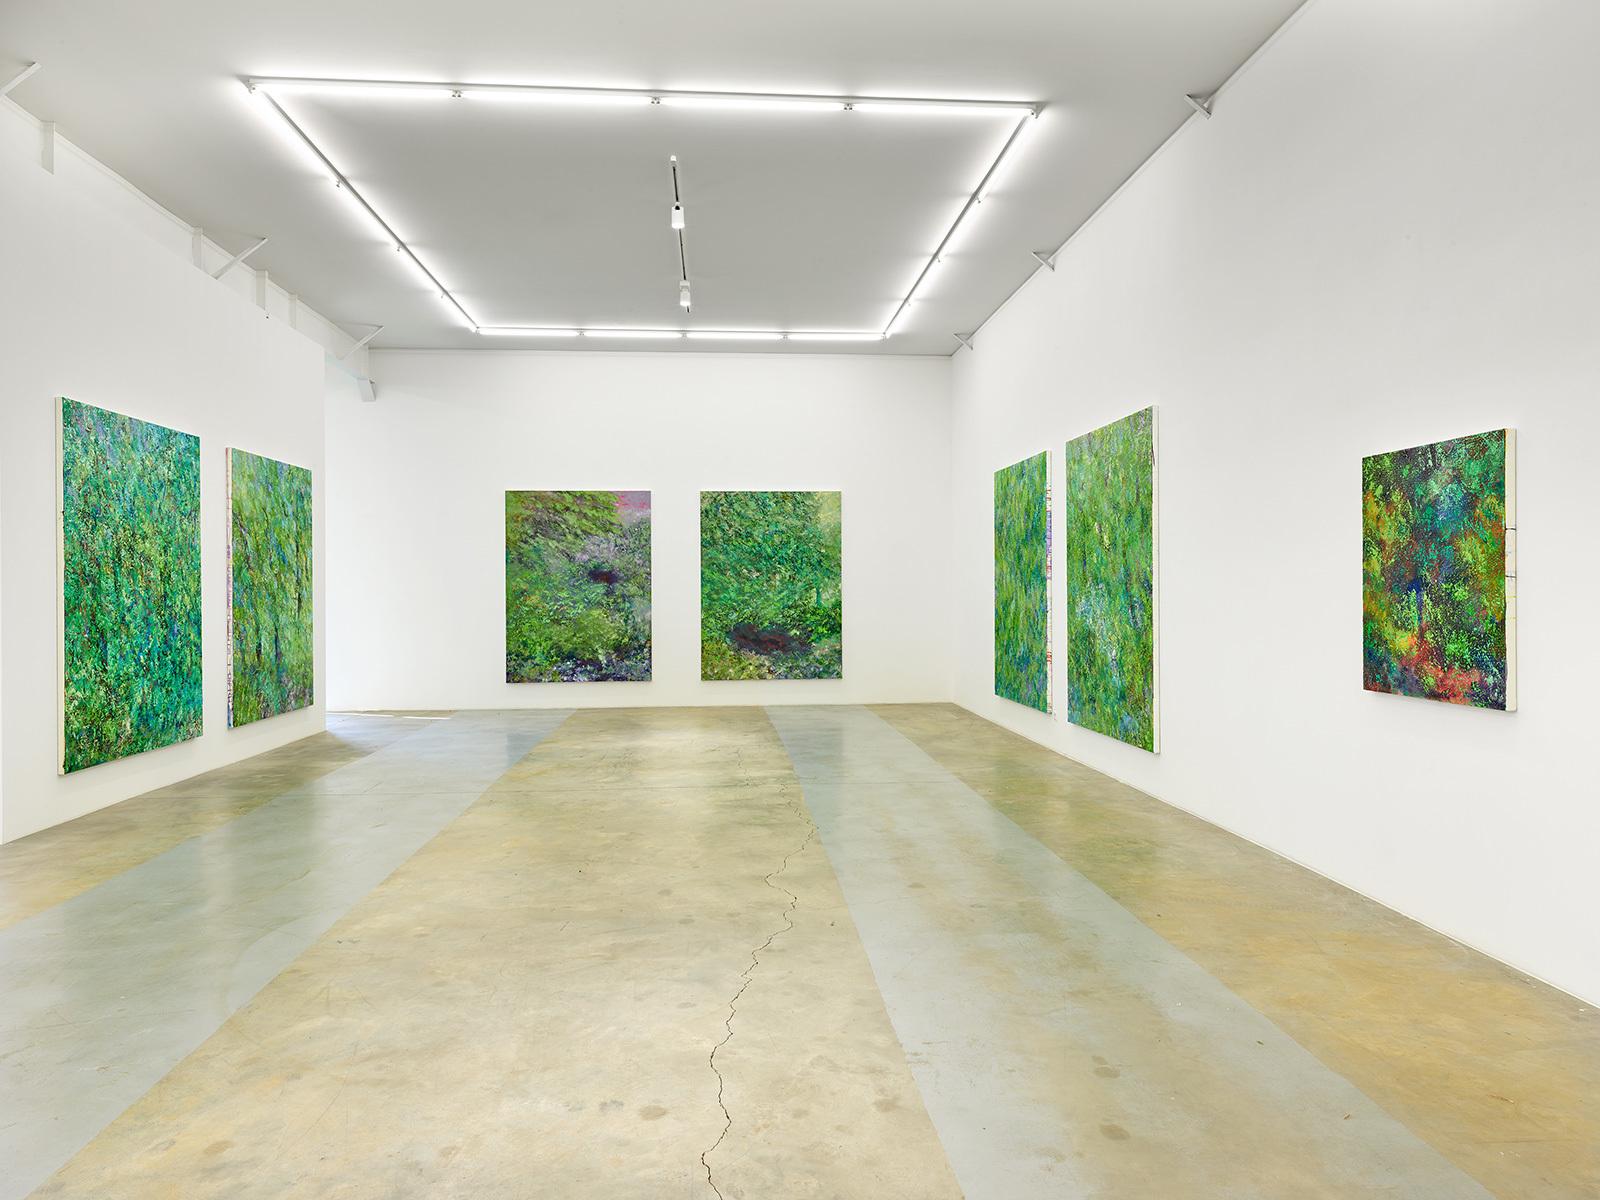 Exhibition view, Mitja Tušek, Freitzeit ist Arbeit, Wandhaff, juin 2021 #6